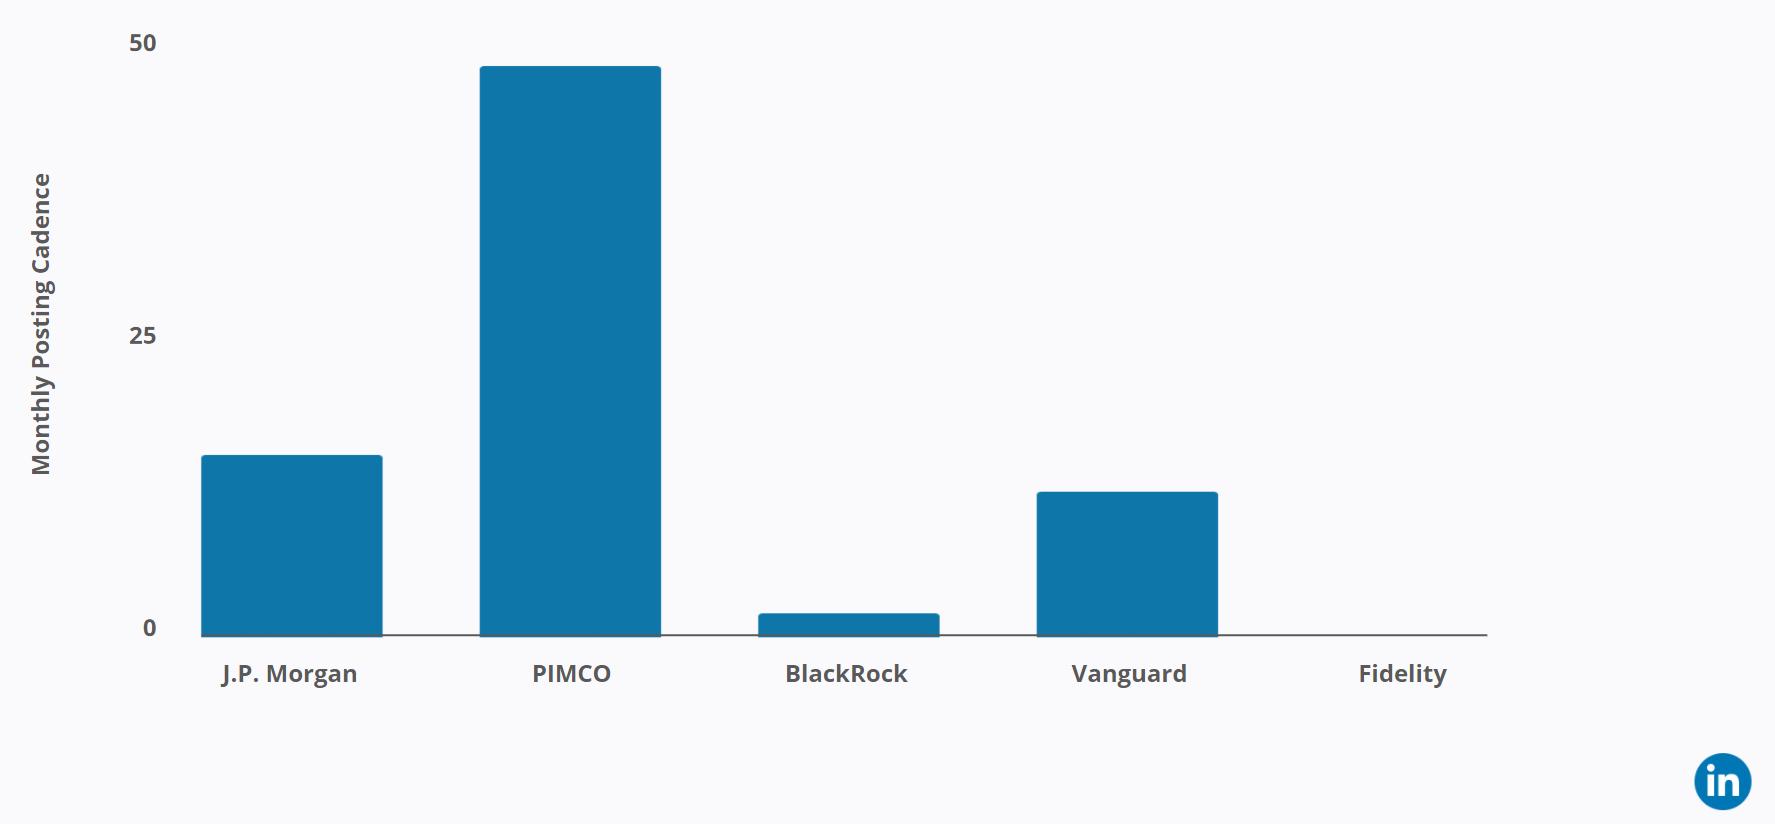 PIMCO - Vanguard - Linkedin Post Cadence